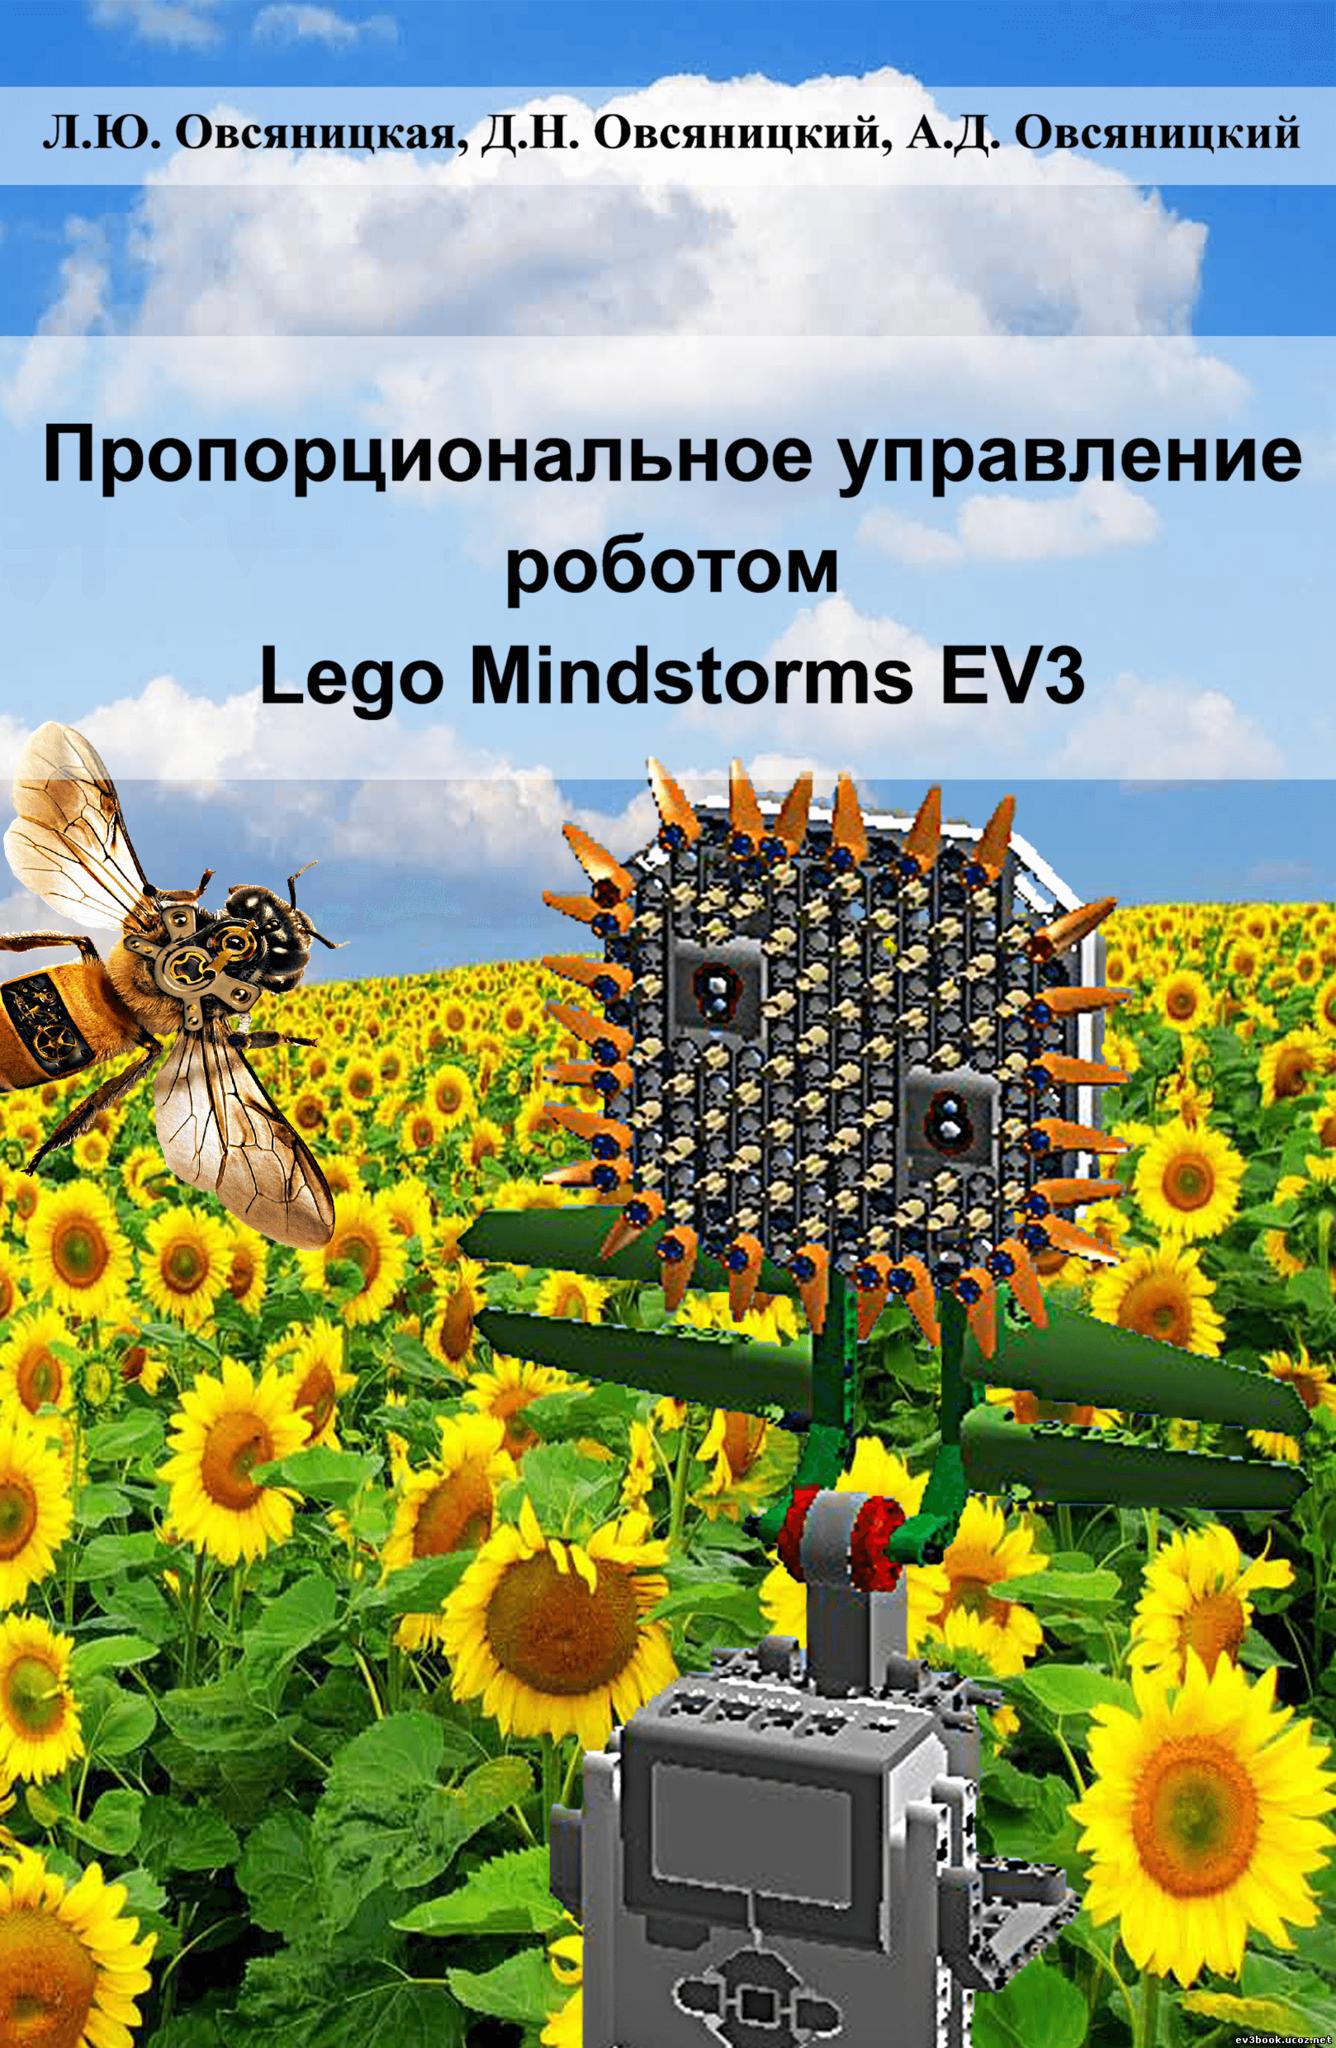 все цены на Пропорциональное управление роботом Lego Mindstorms EV3 онлайн